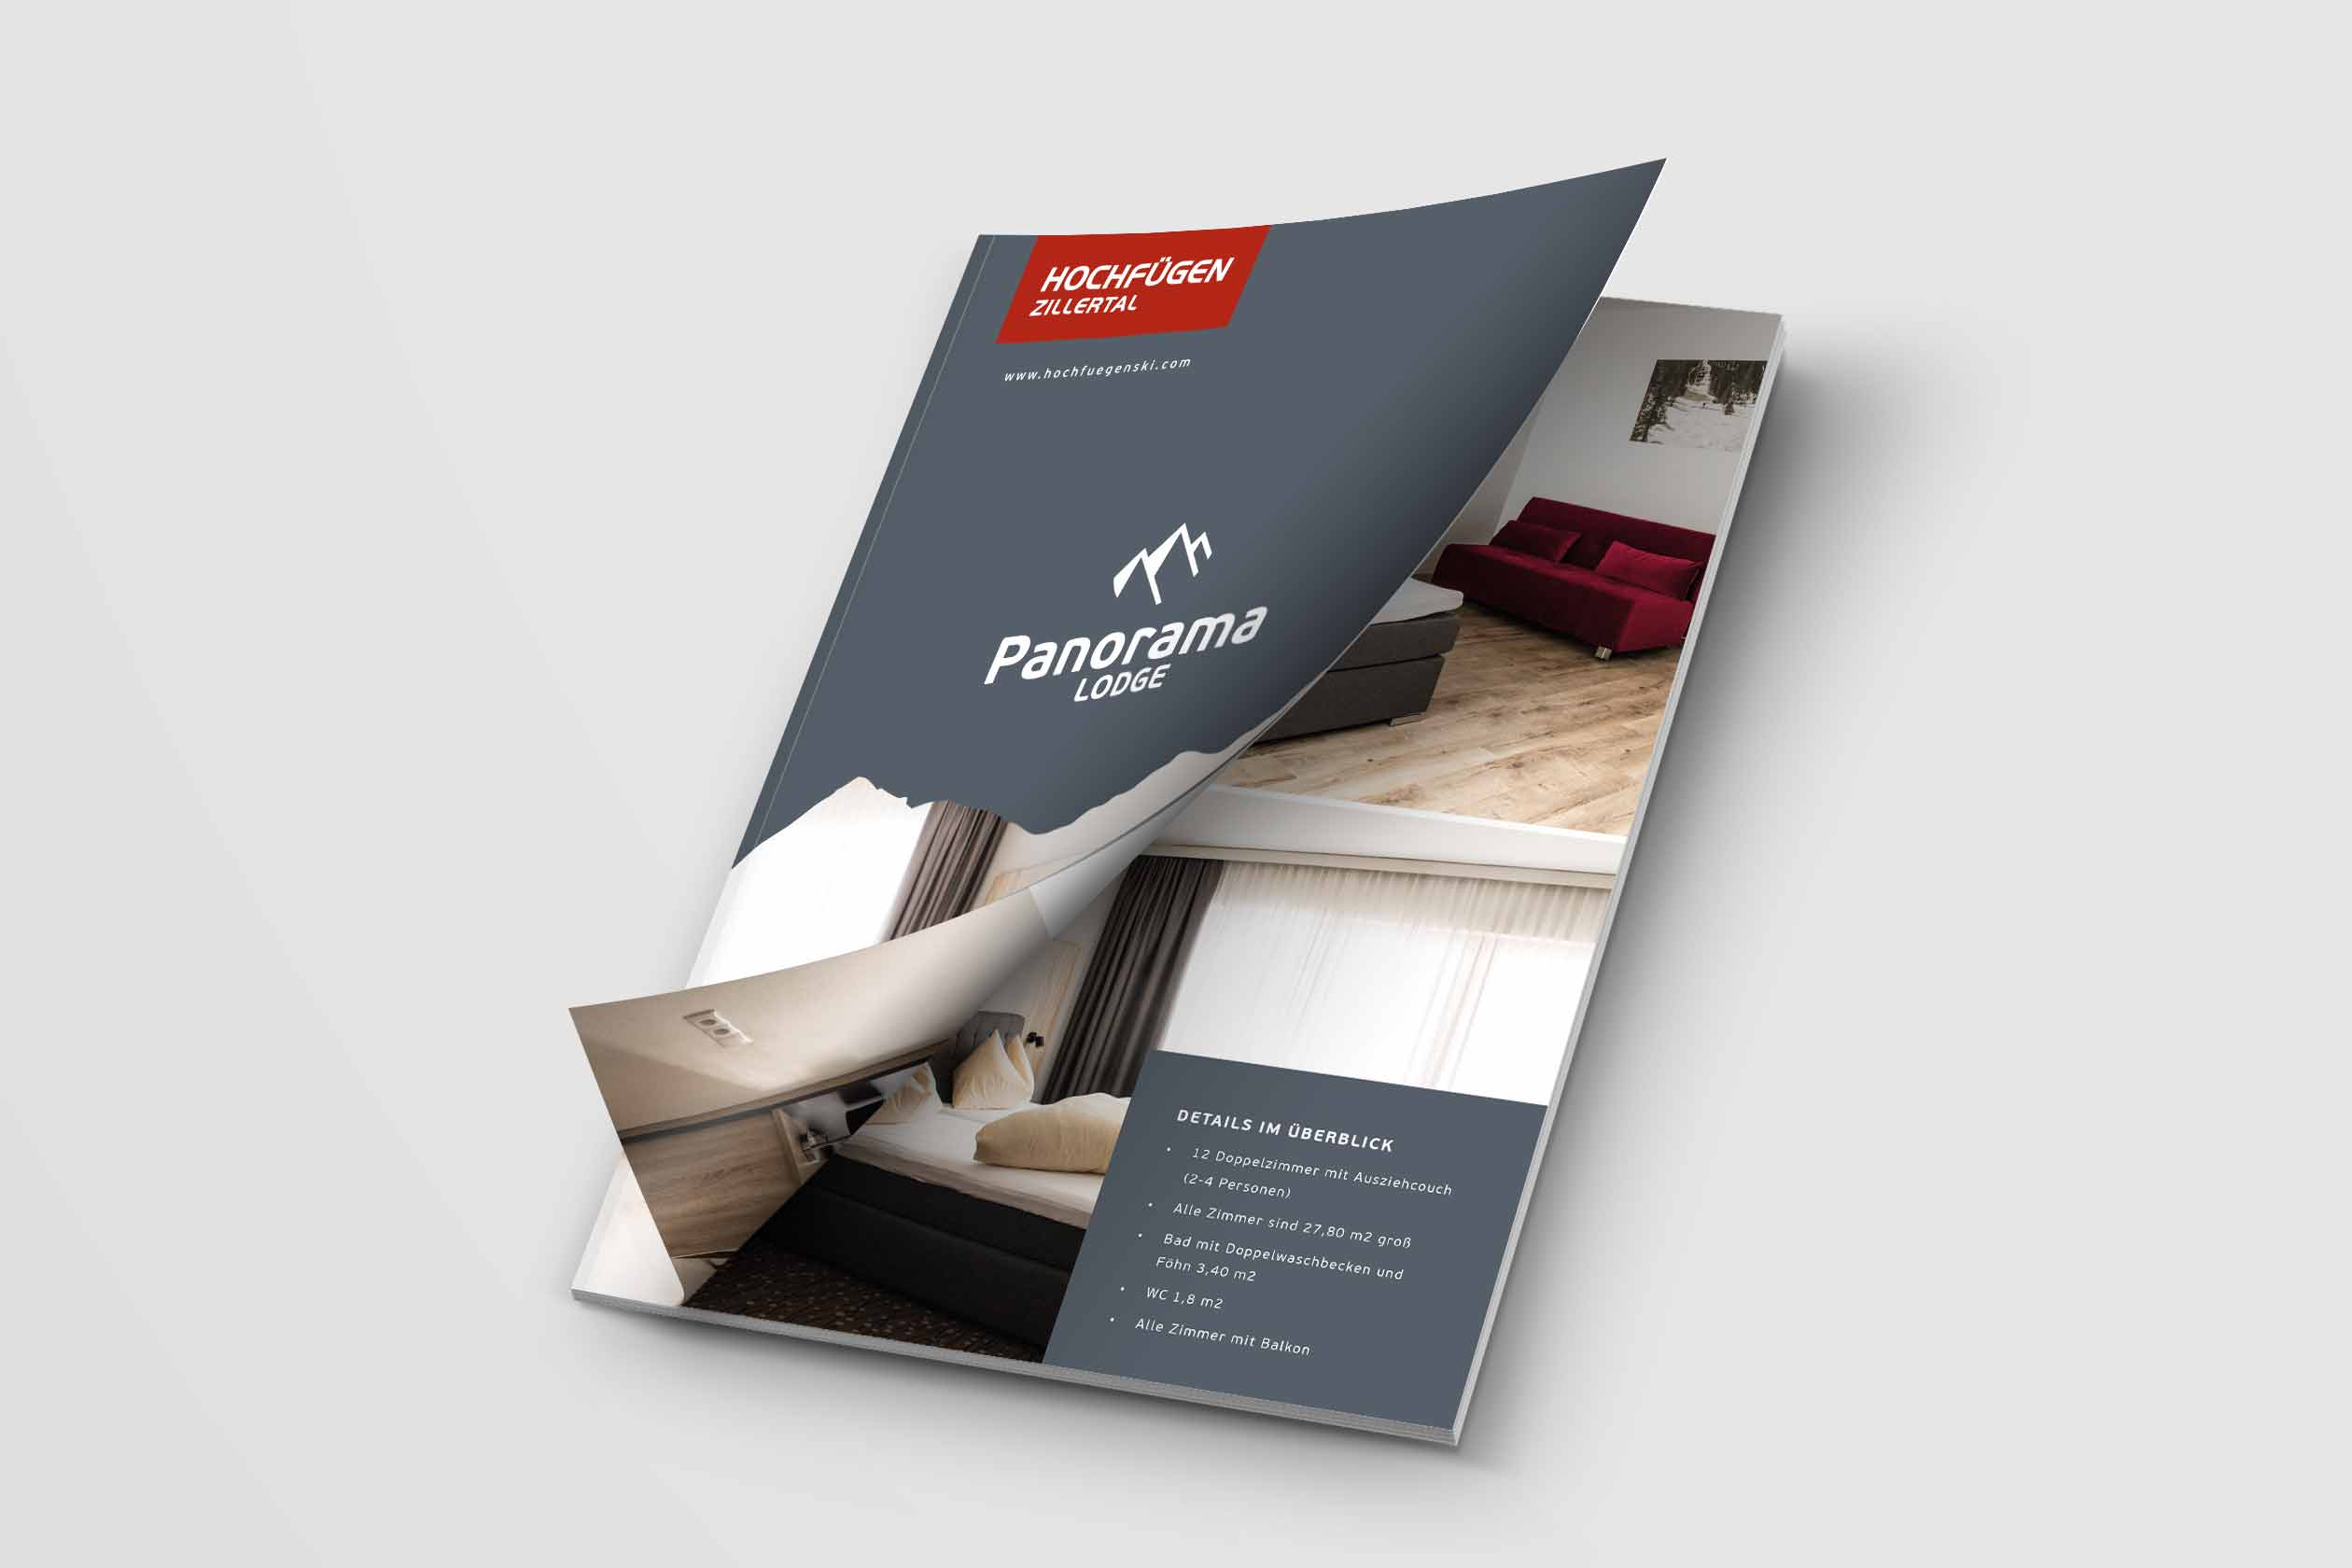 hochfuegen-magazine-panorama